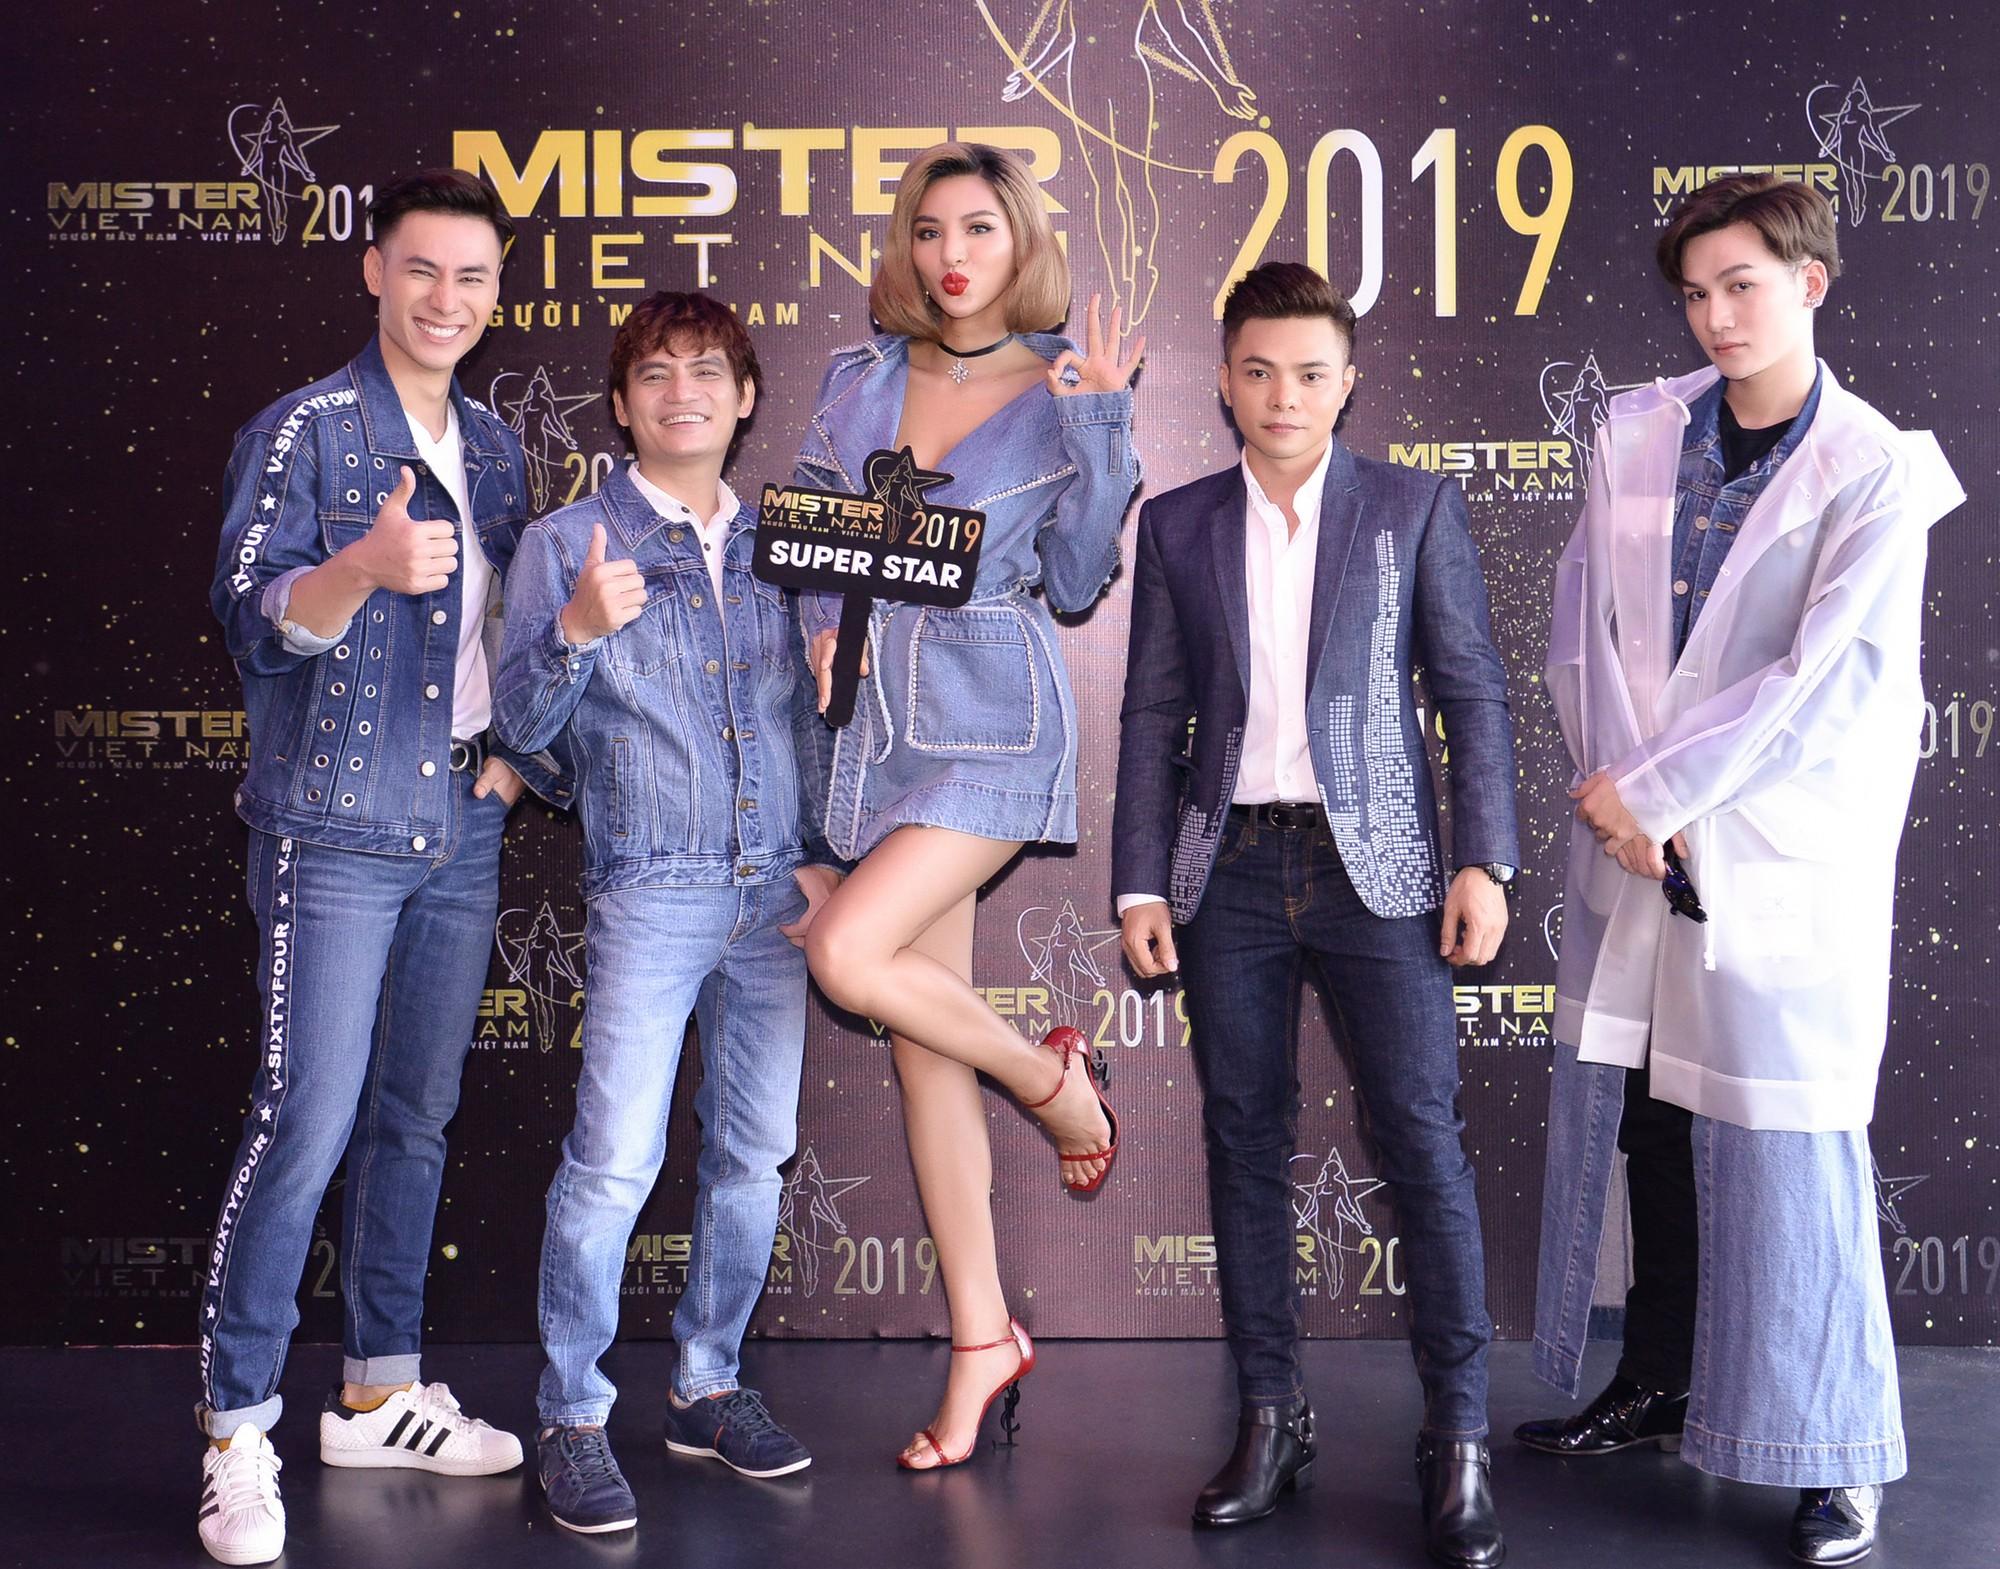 """Loạt sao Việt tham gia huấn luyện hình mẫu người đàn ông """"chuẩn"""" ở Mister Việt Nam 2019 - Ảnh 1."""